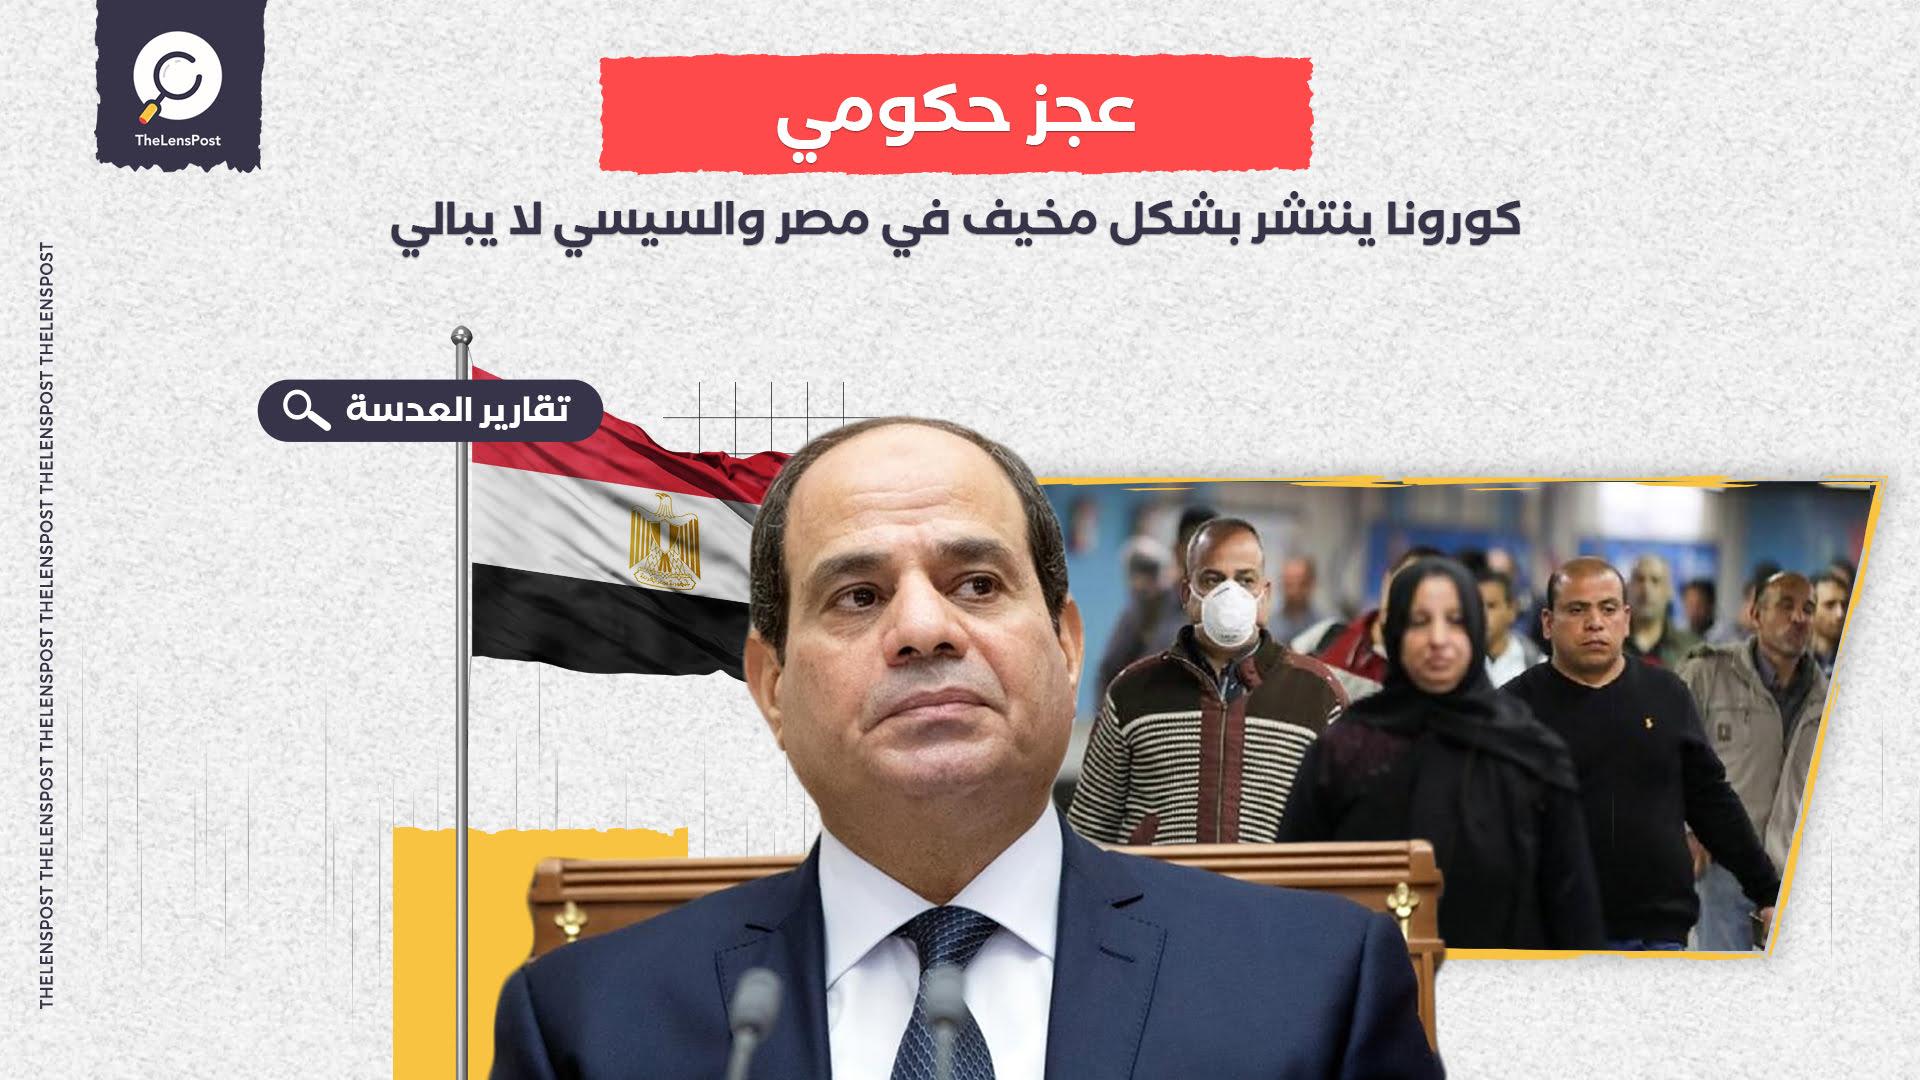 رائحة الموت في كل مكان.. كورونا ينتشر بشكل مخيف في مصر والسيسي لا يبالي!